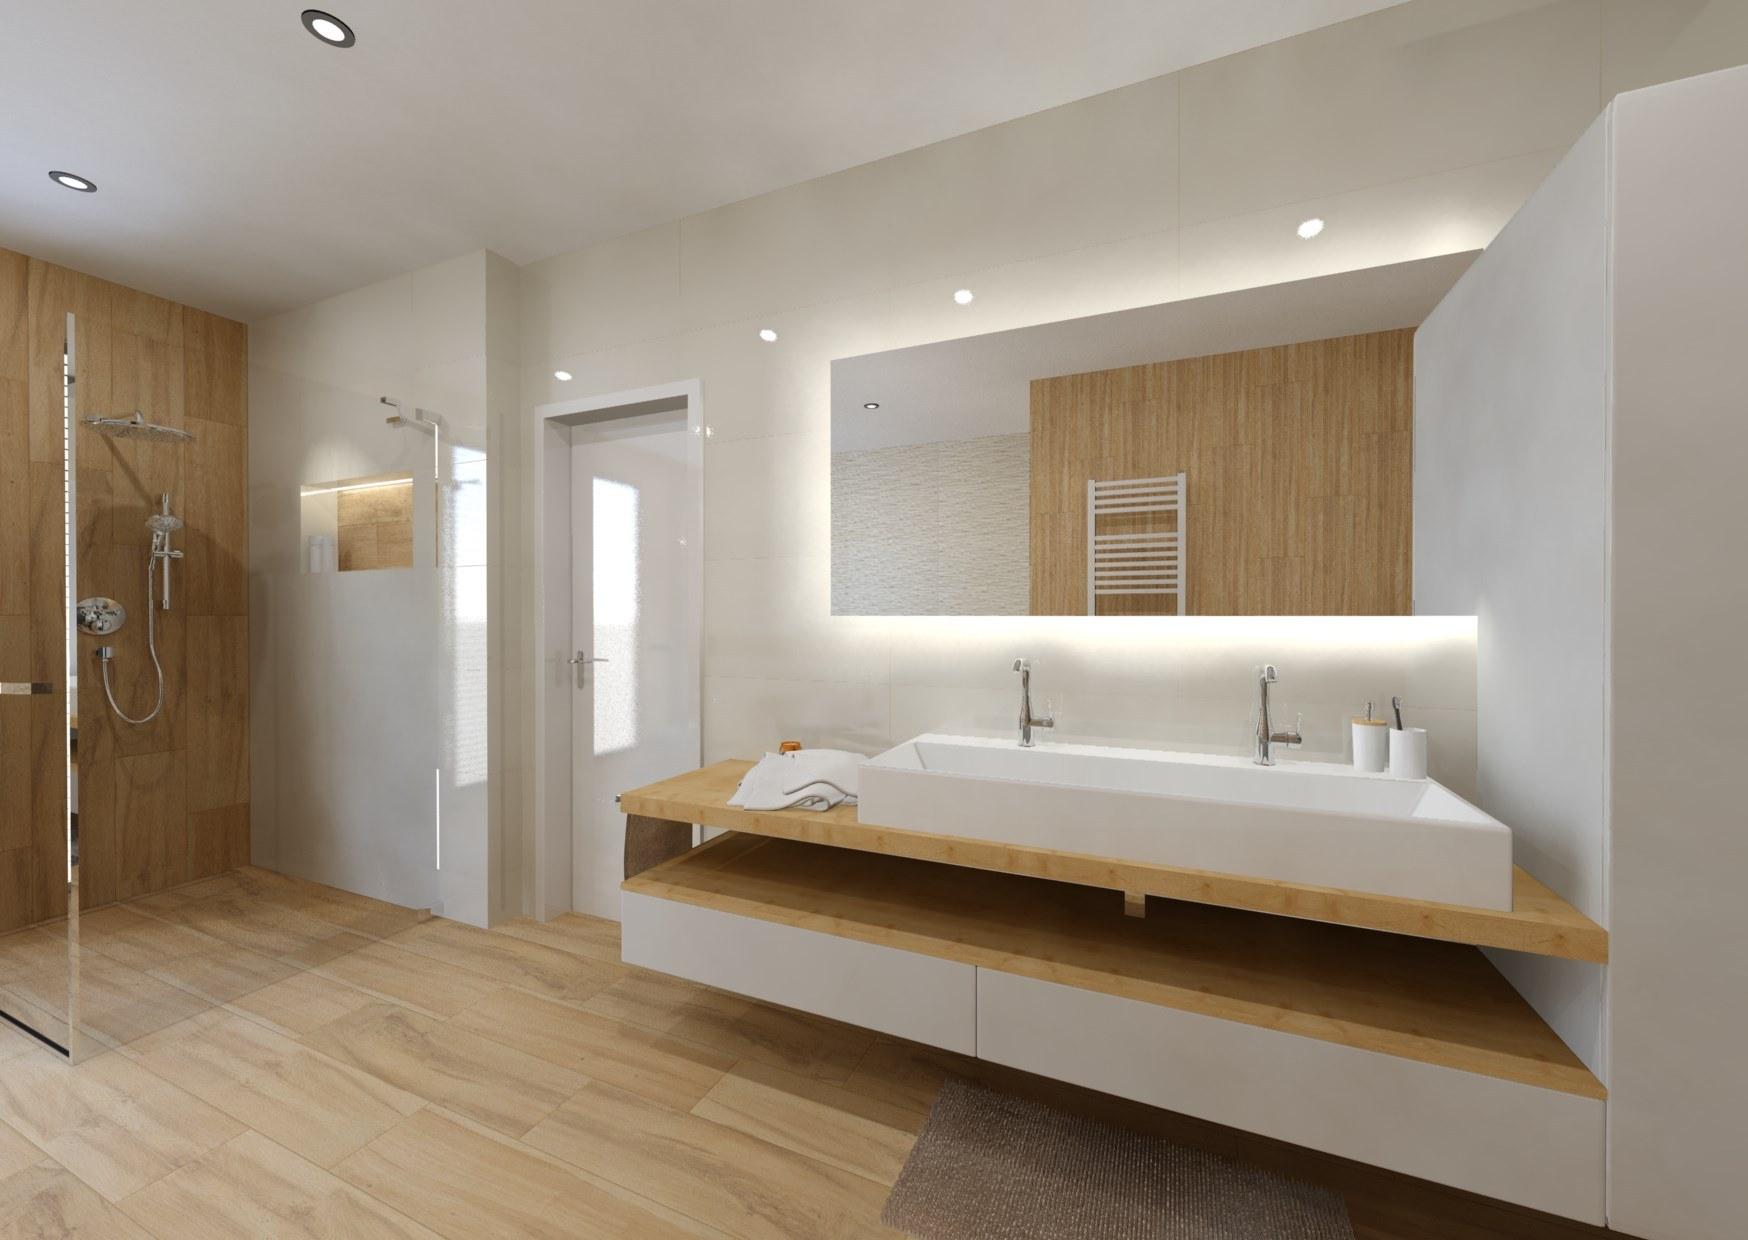 Návrh koupelny v teplých barvách dřeva 2